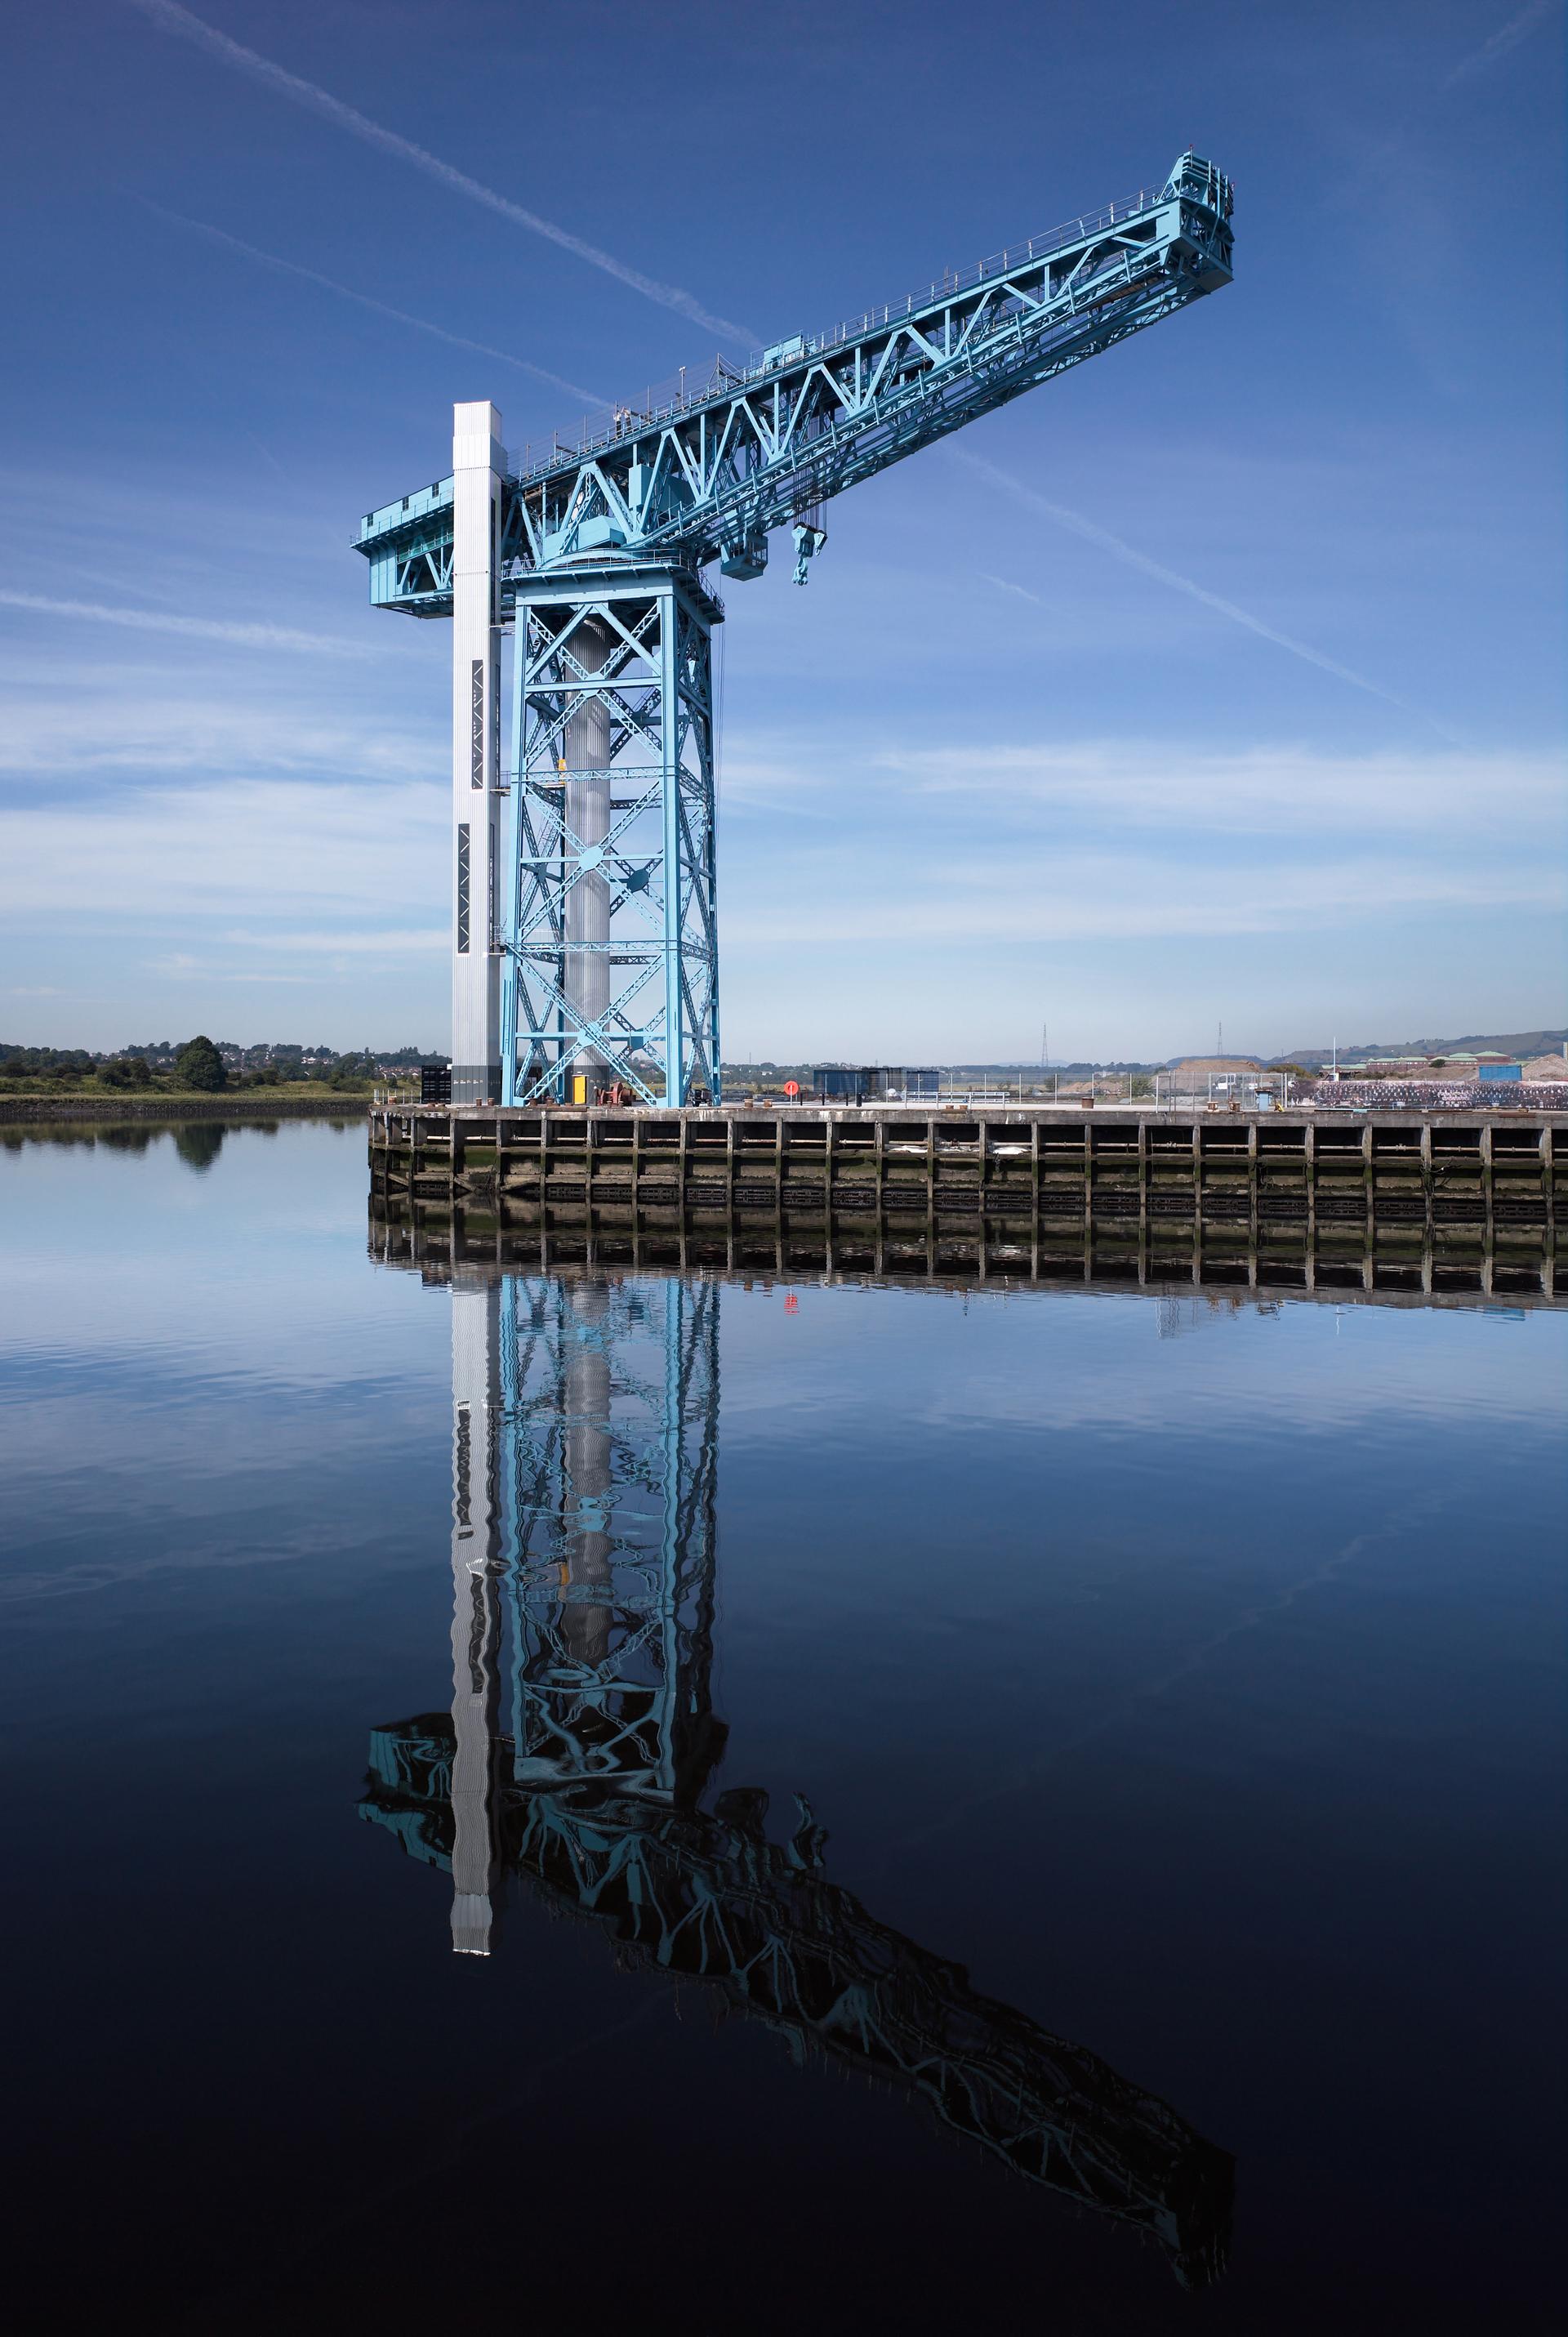 Titan Crane - Image Copyright Andrew Lee